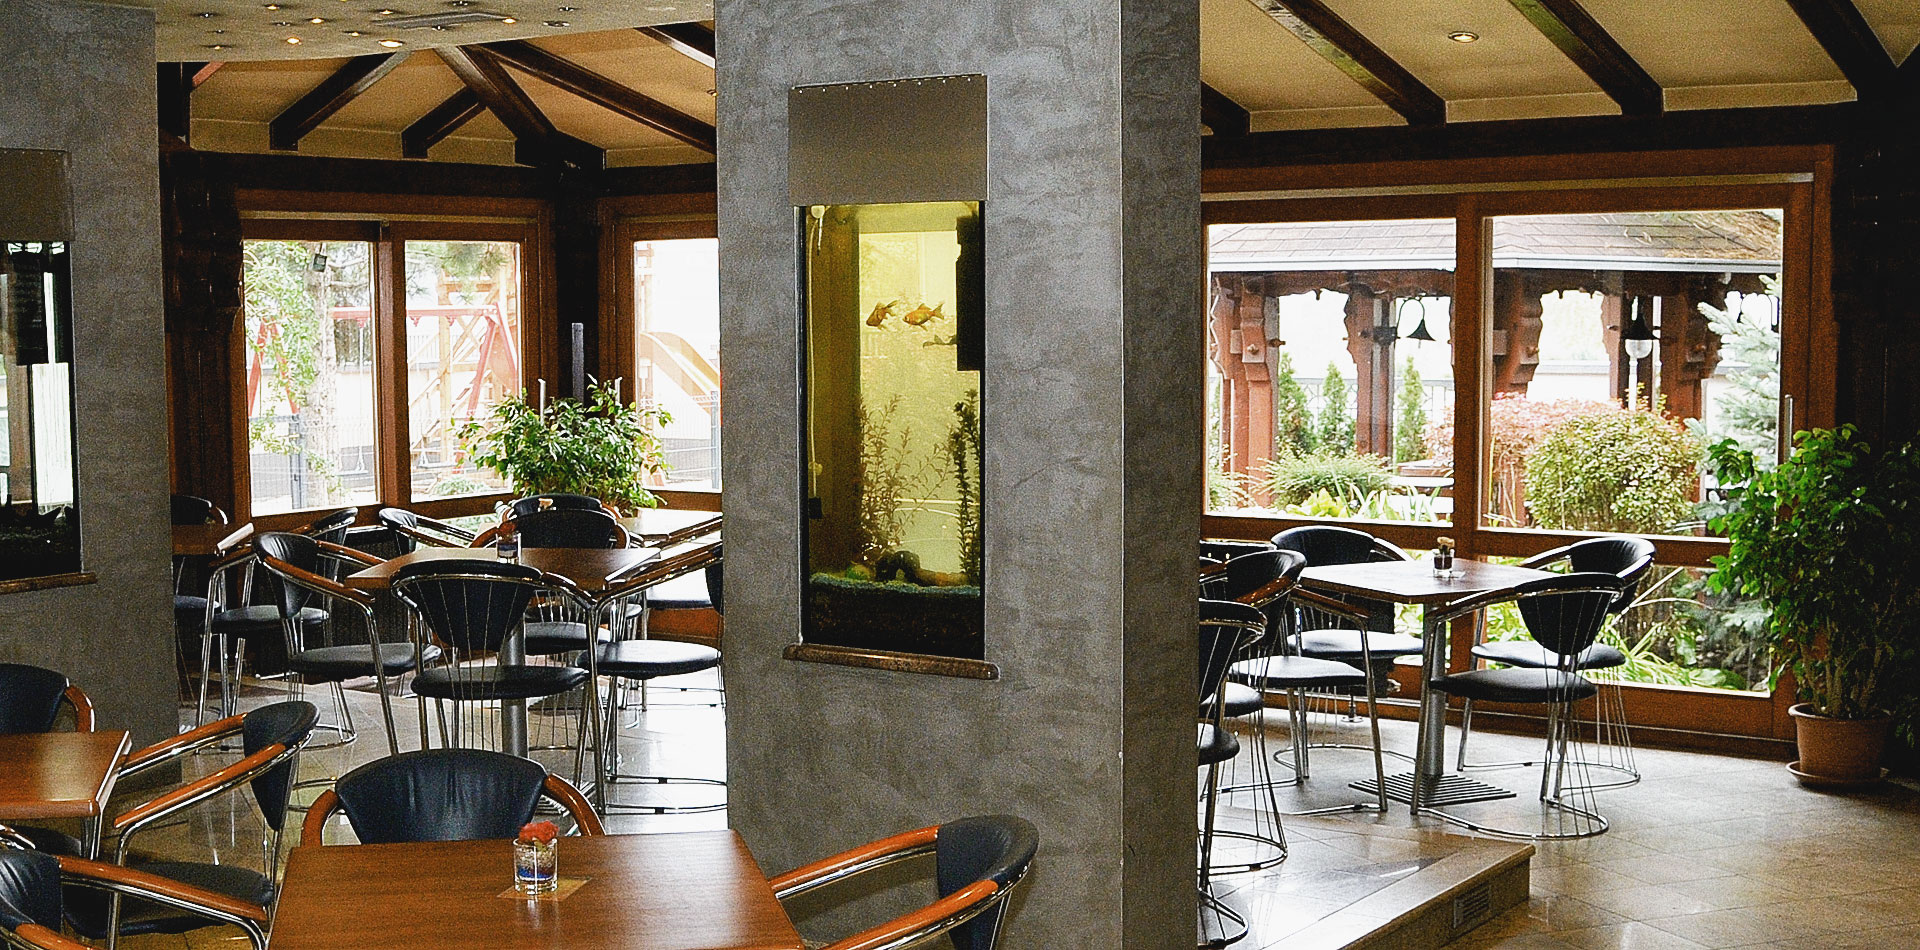 04-banner-restoran